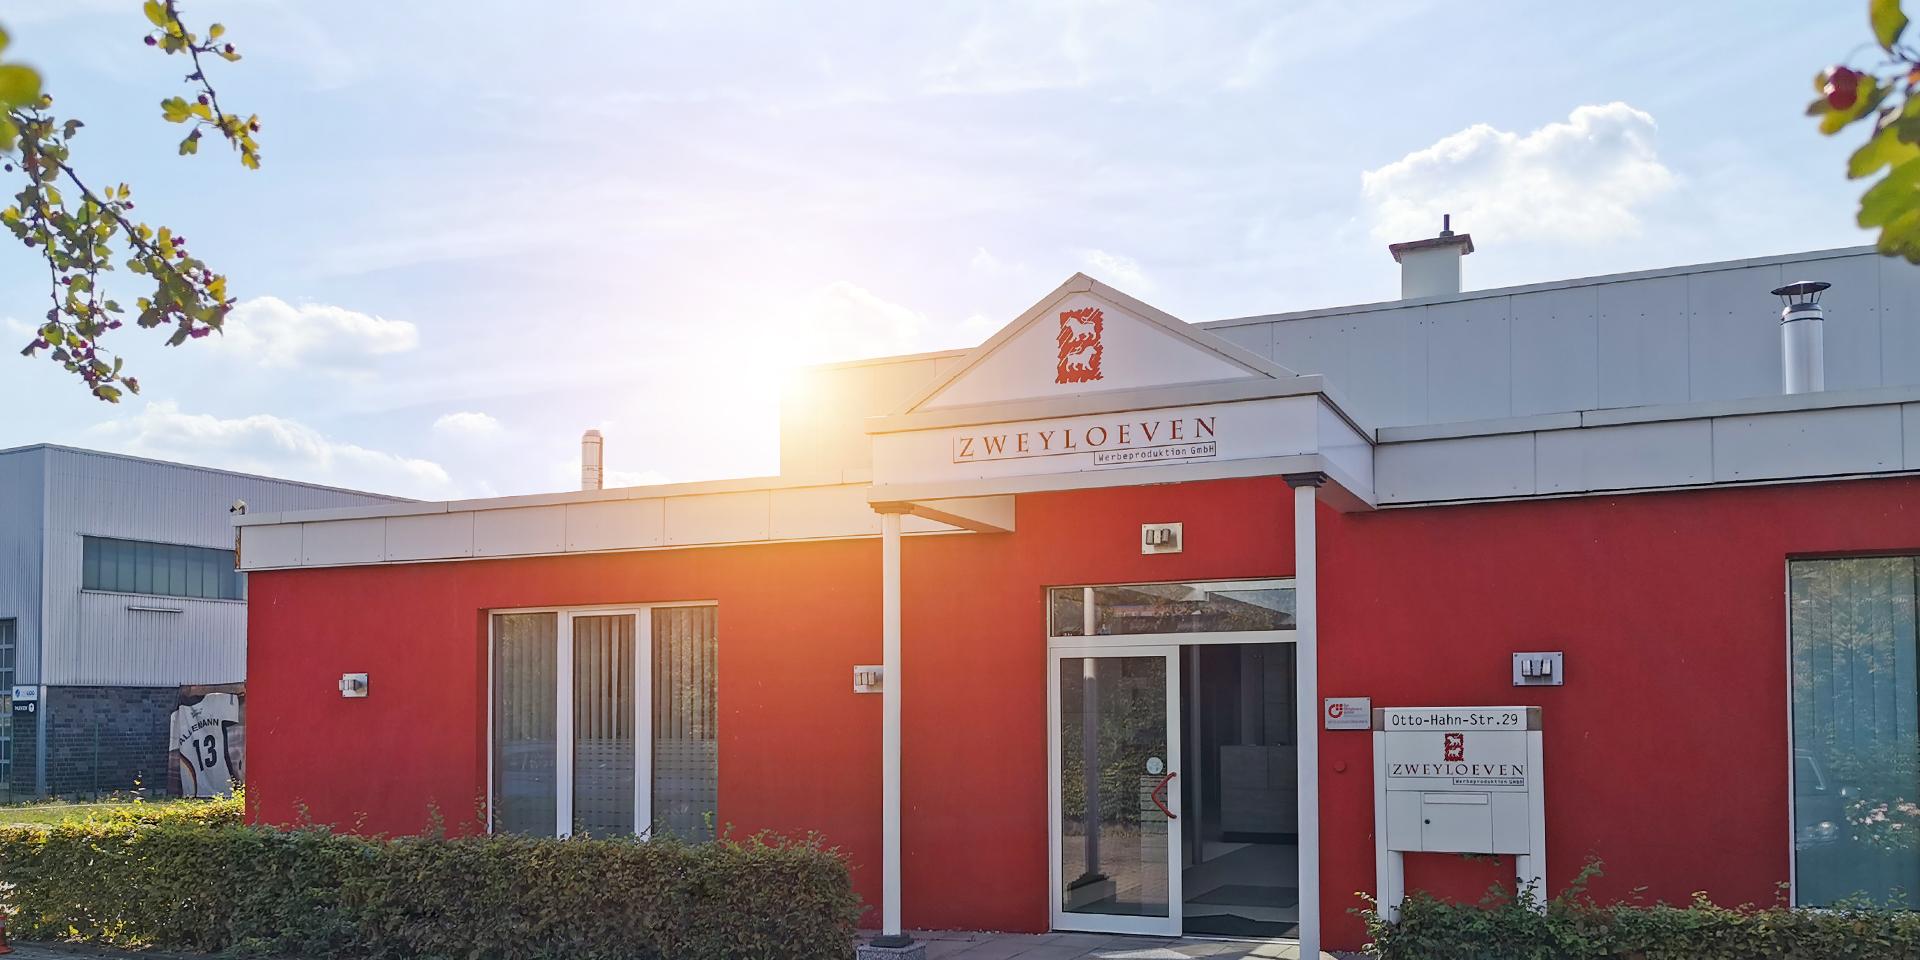 Zweyloeven Werbeproduktion GmbH - Bürogebäude